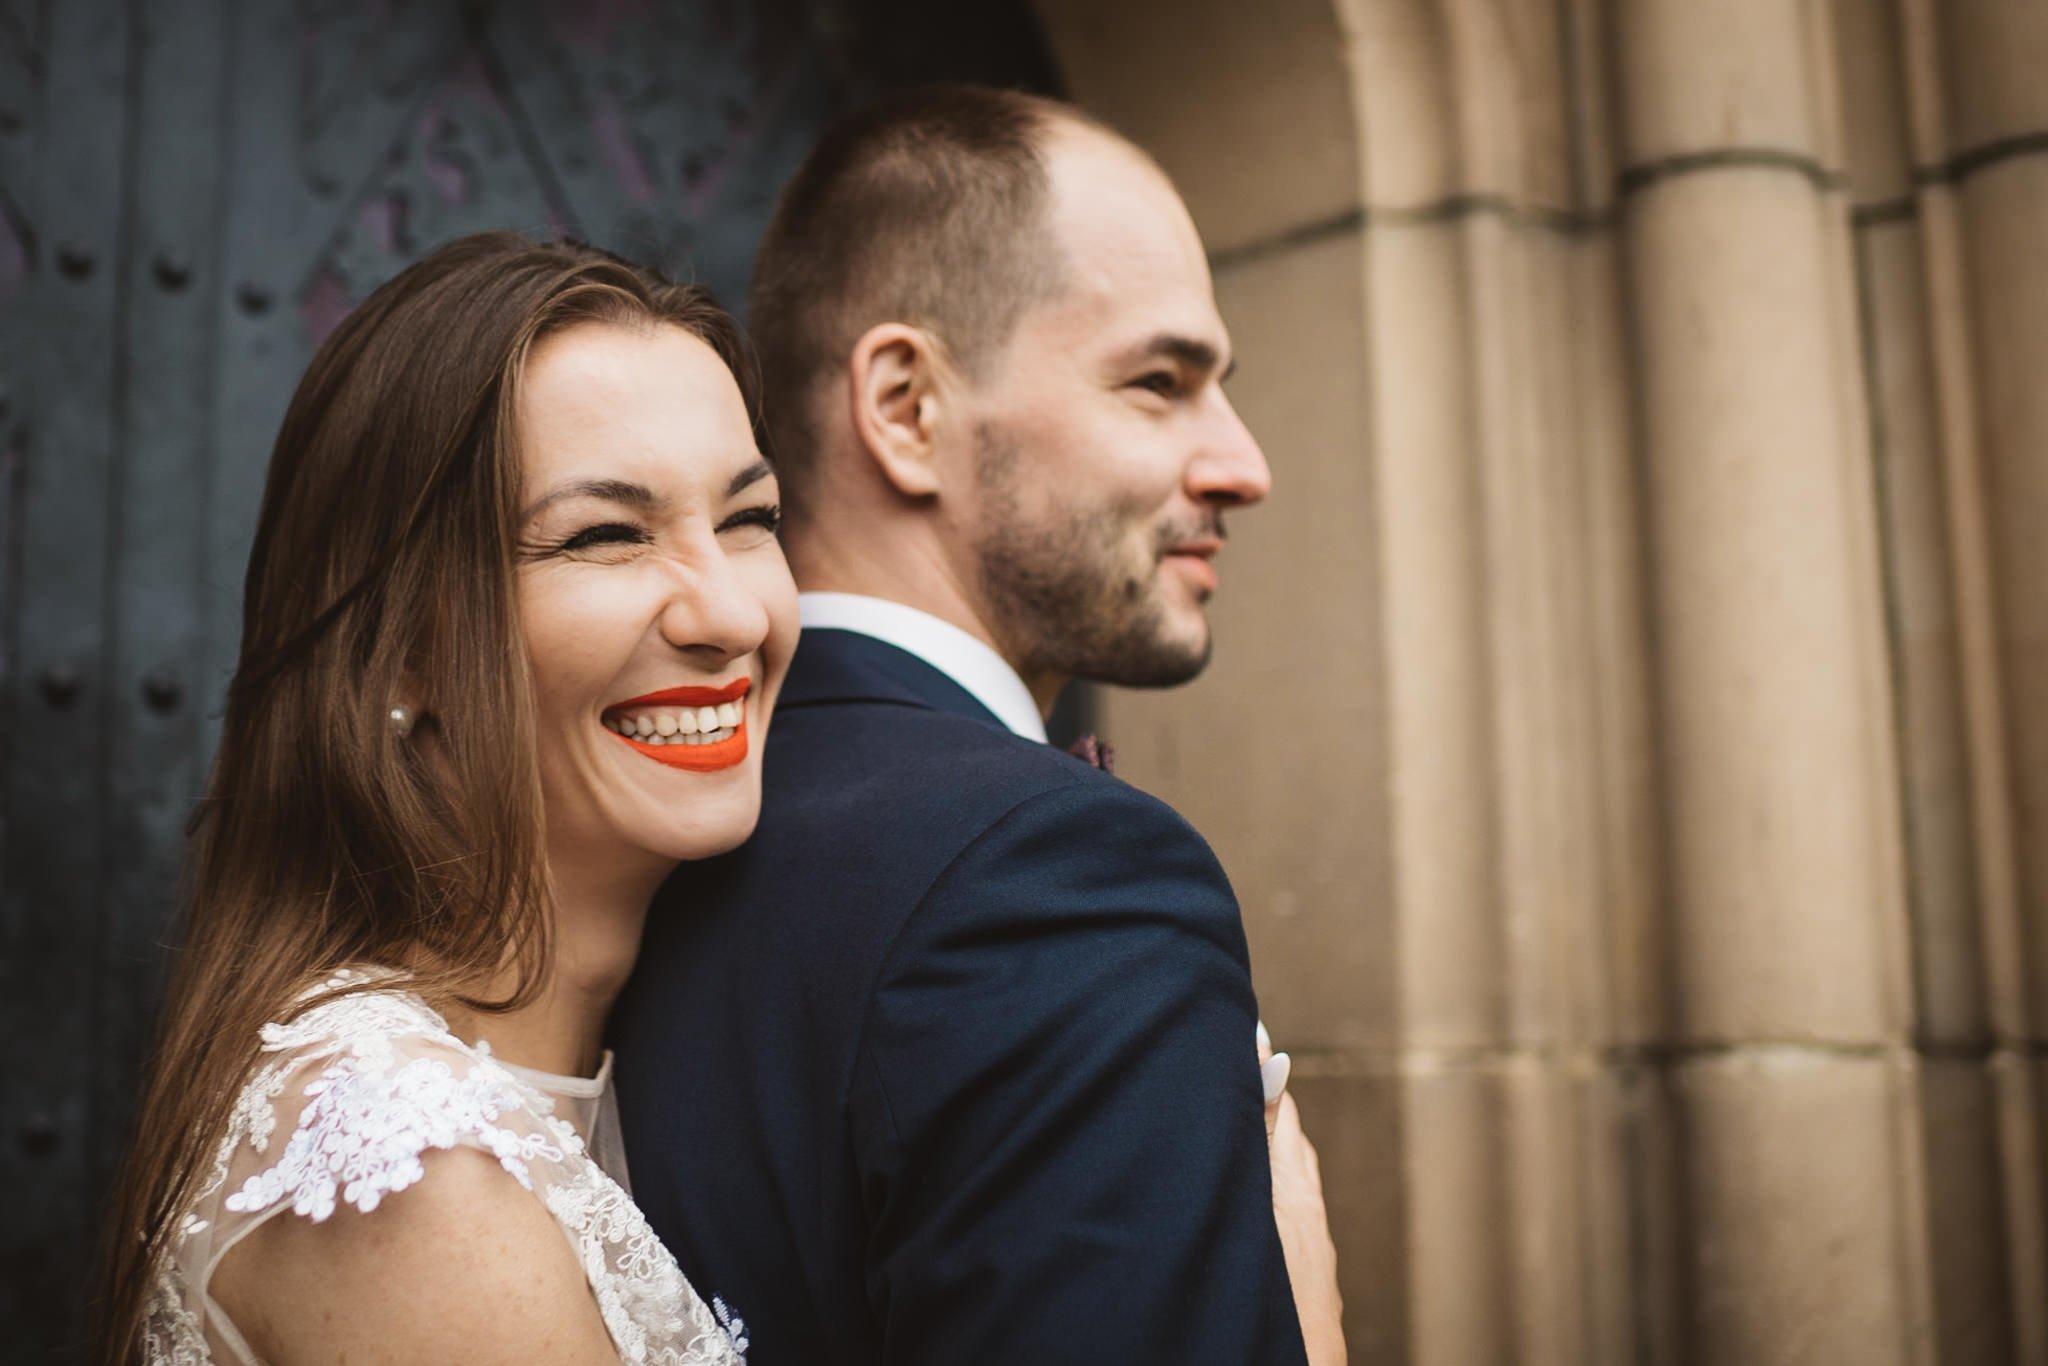 Ala i Arek, czyli jak zorganizować ślub i wesele w 4 tygodnie! 433